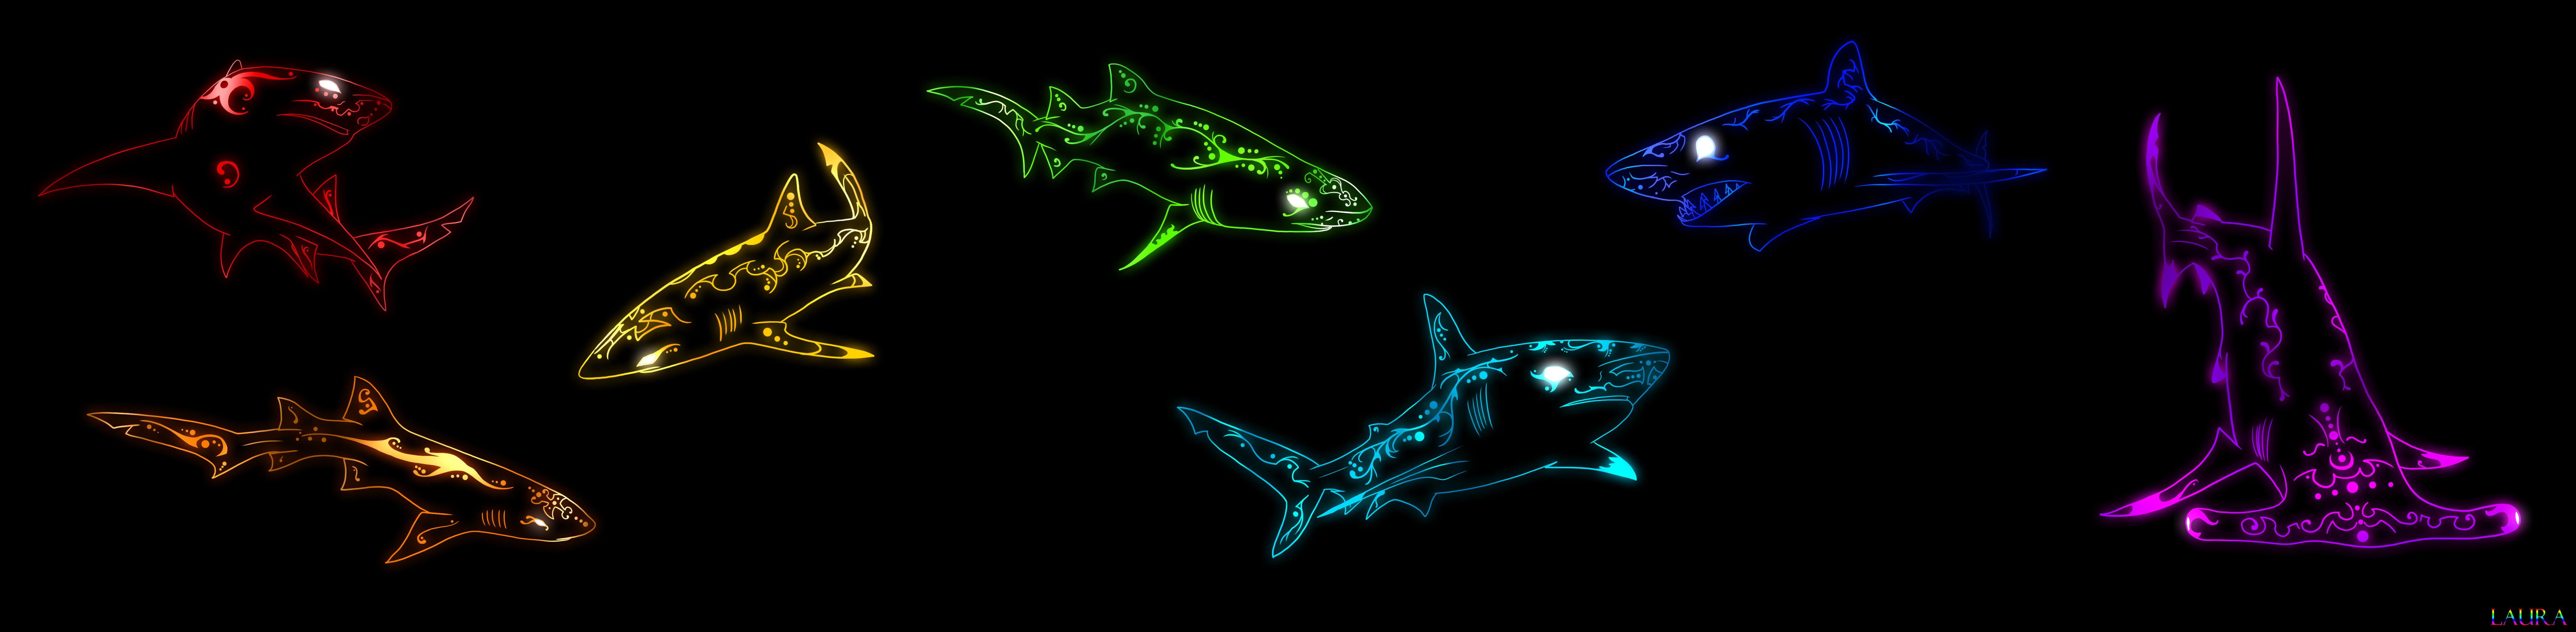 color sharks by zavraan on deviantart